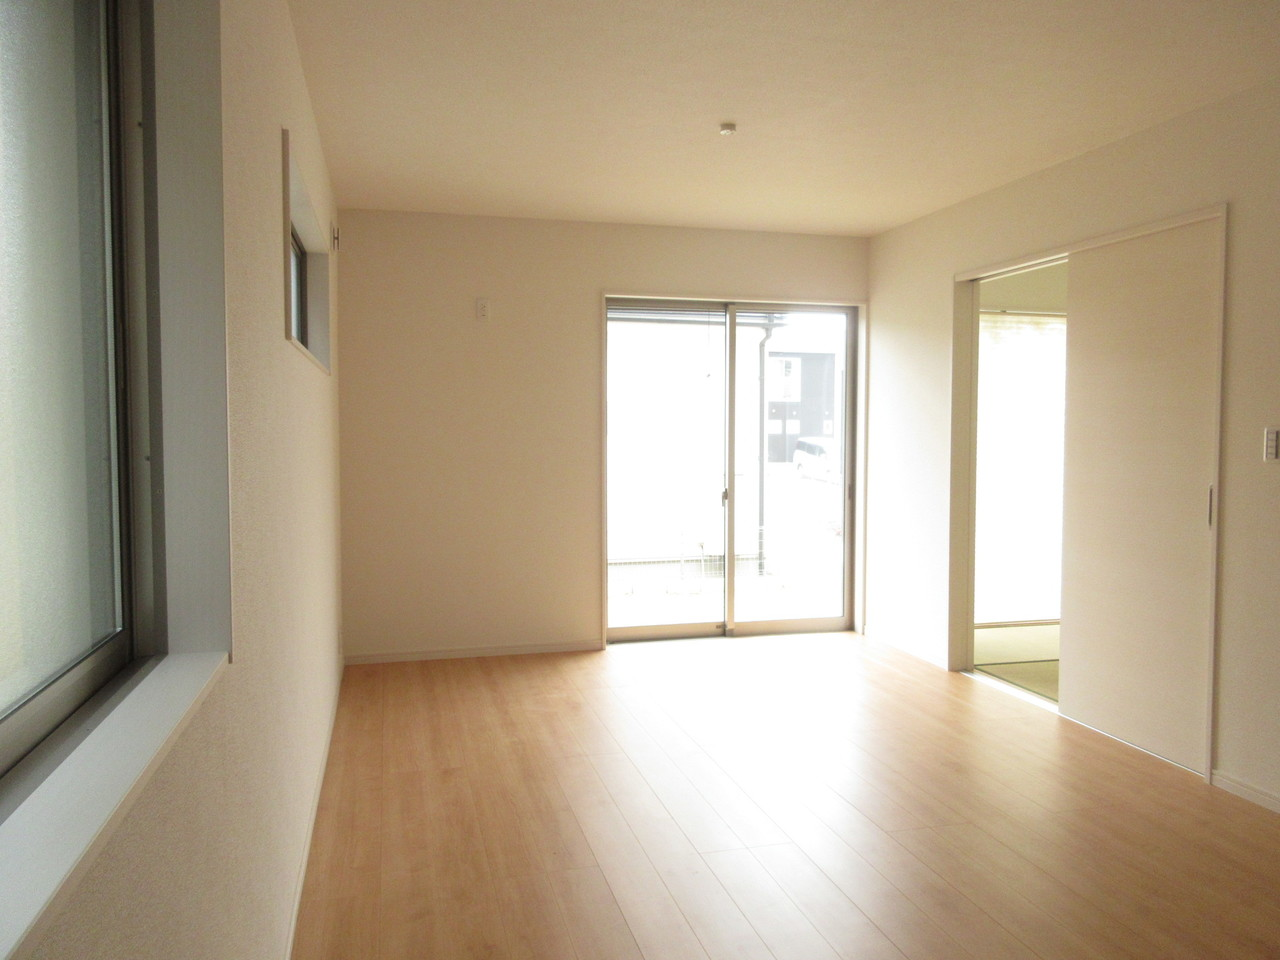 17帖以上のLDK。窓も多く明るい光が差し込みます♪和室とも繋がっており、扉を開けると広々とした空間になります◎